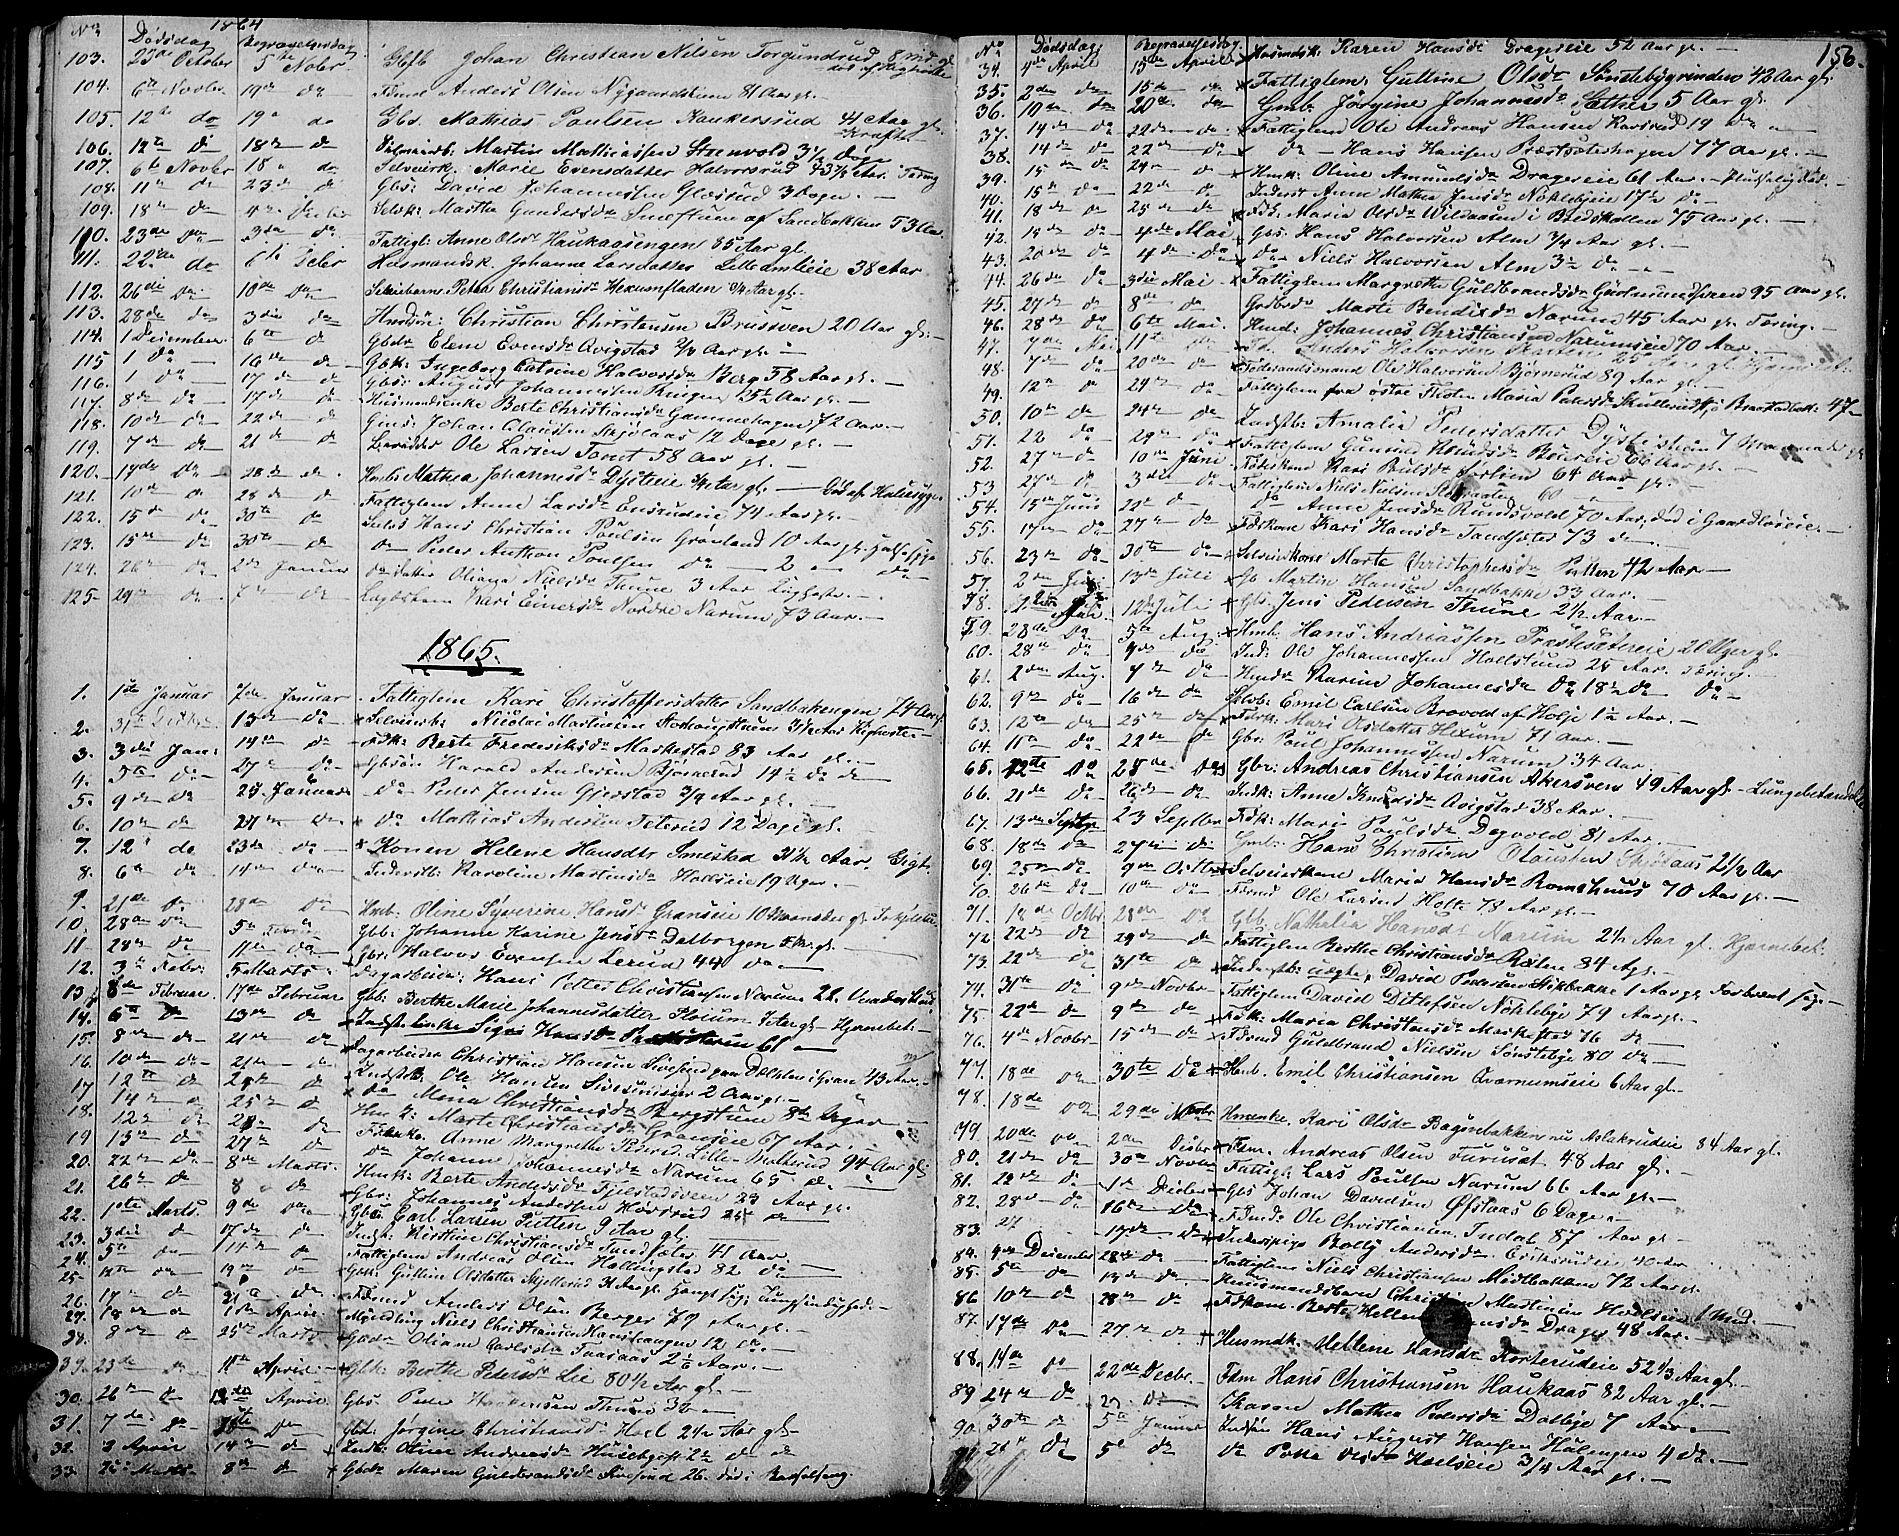 SAH, Vestre Toten prestekontor, Klokkerbok nr. 5, 1854-1870, s. 156